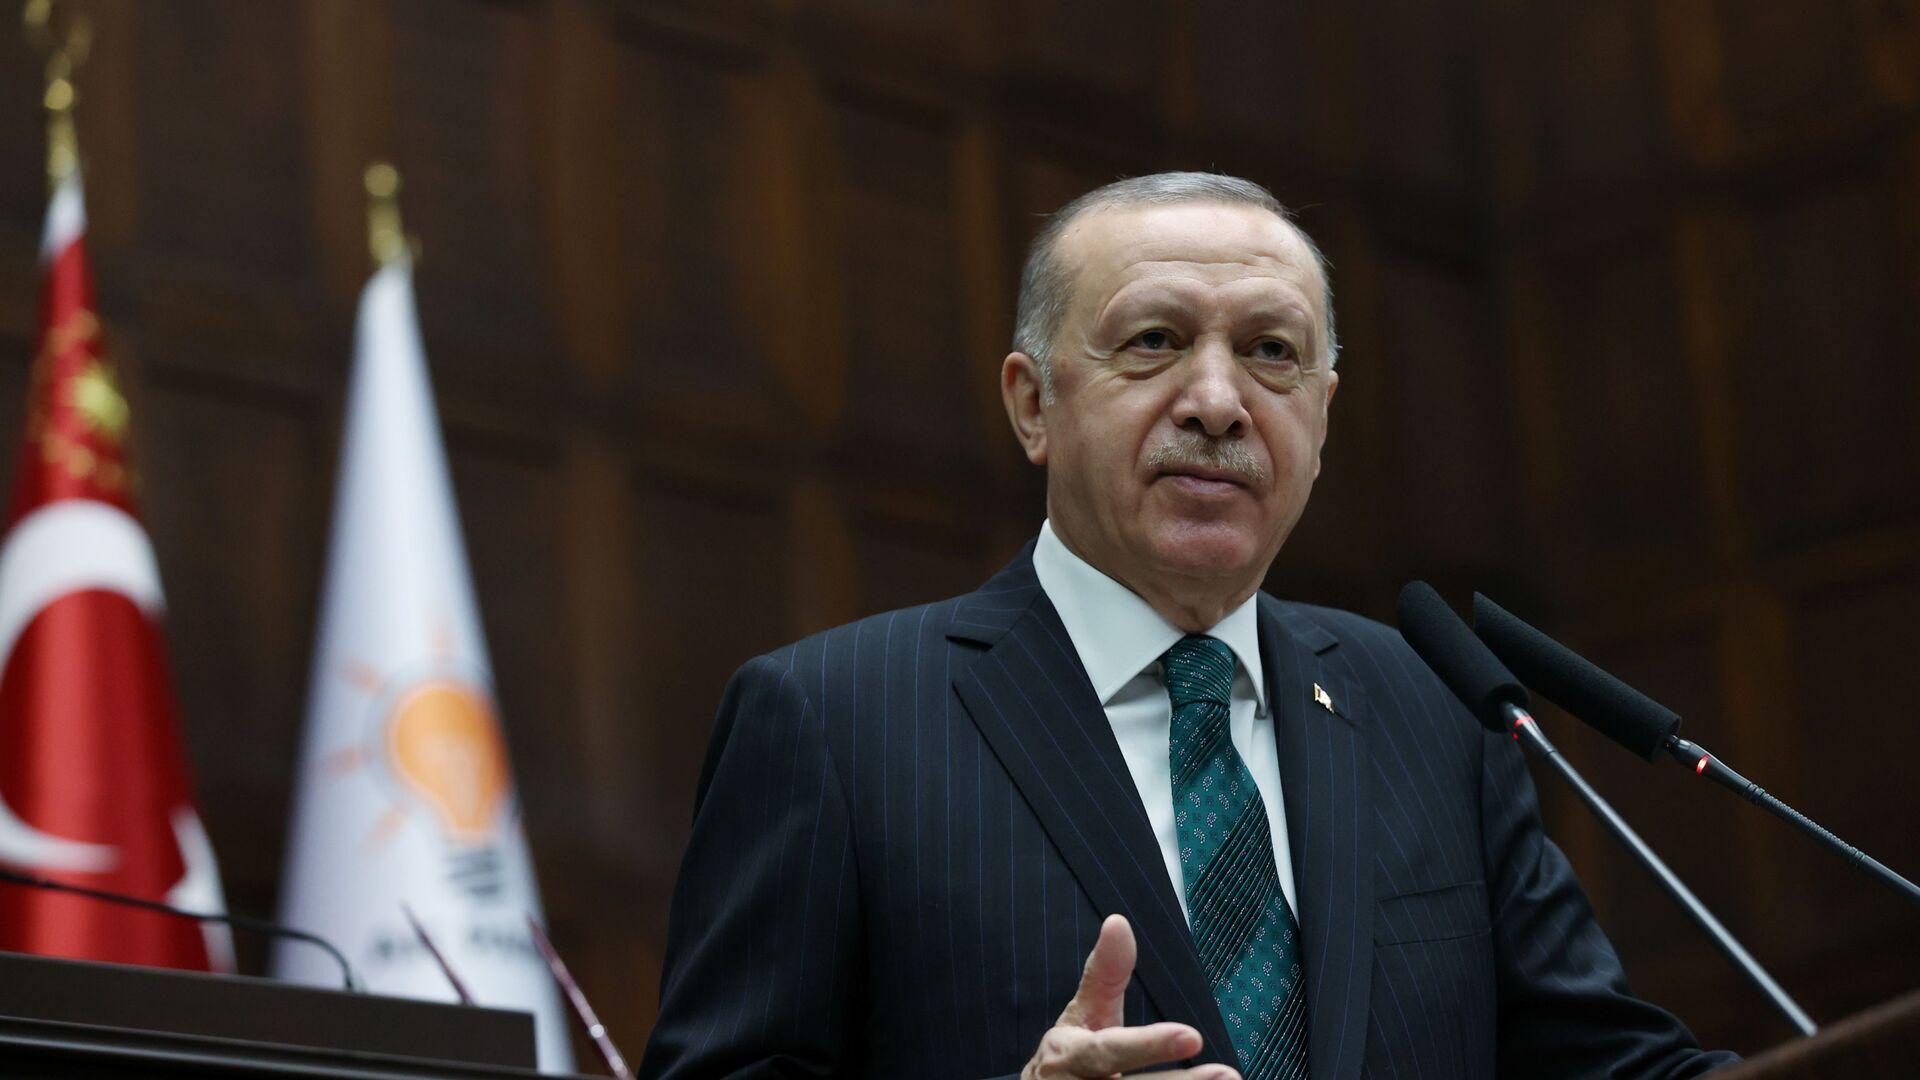 Recep Tayyip Erdogan, presidente de Turquía  - Sputnik Mundo, 1920, 10.02.2021